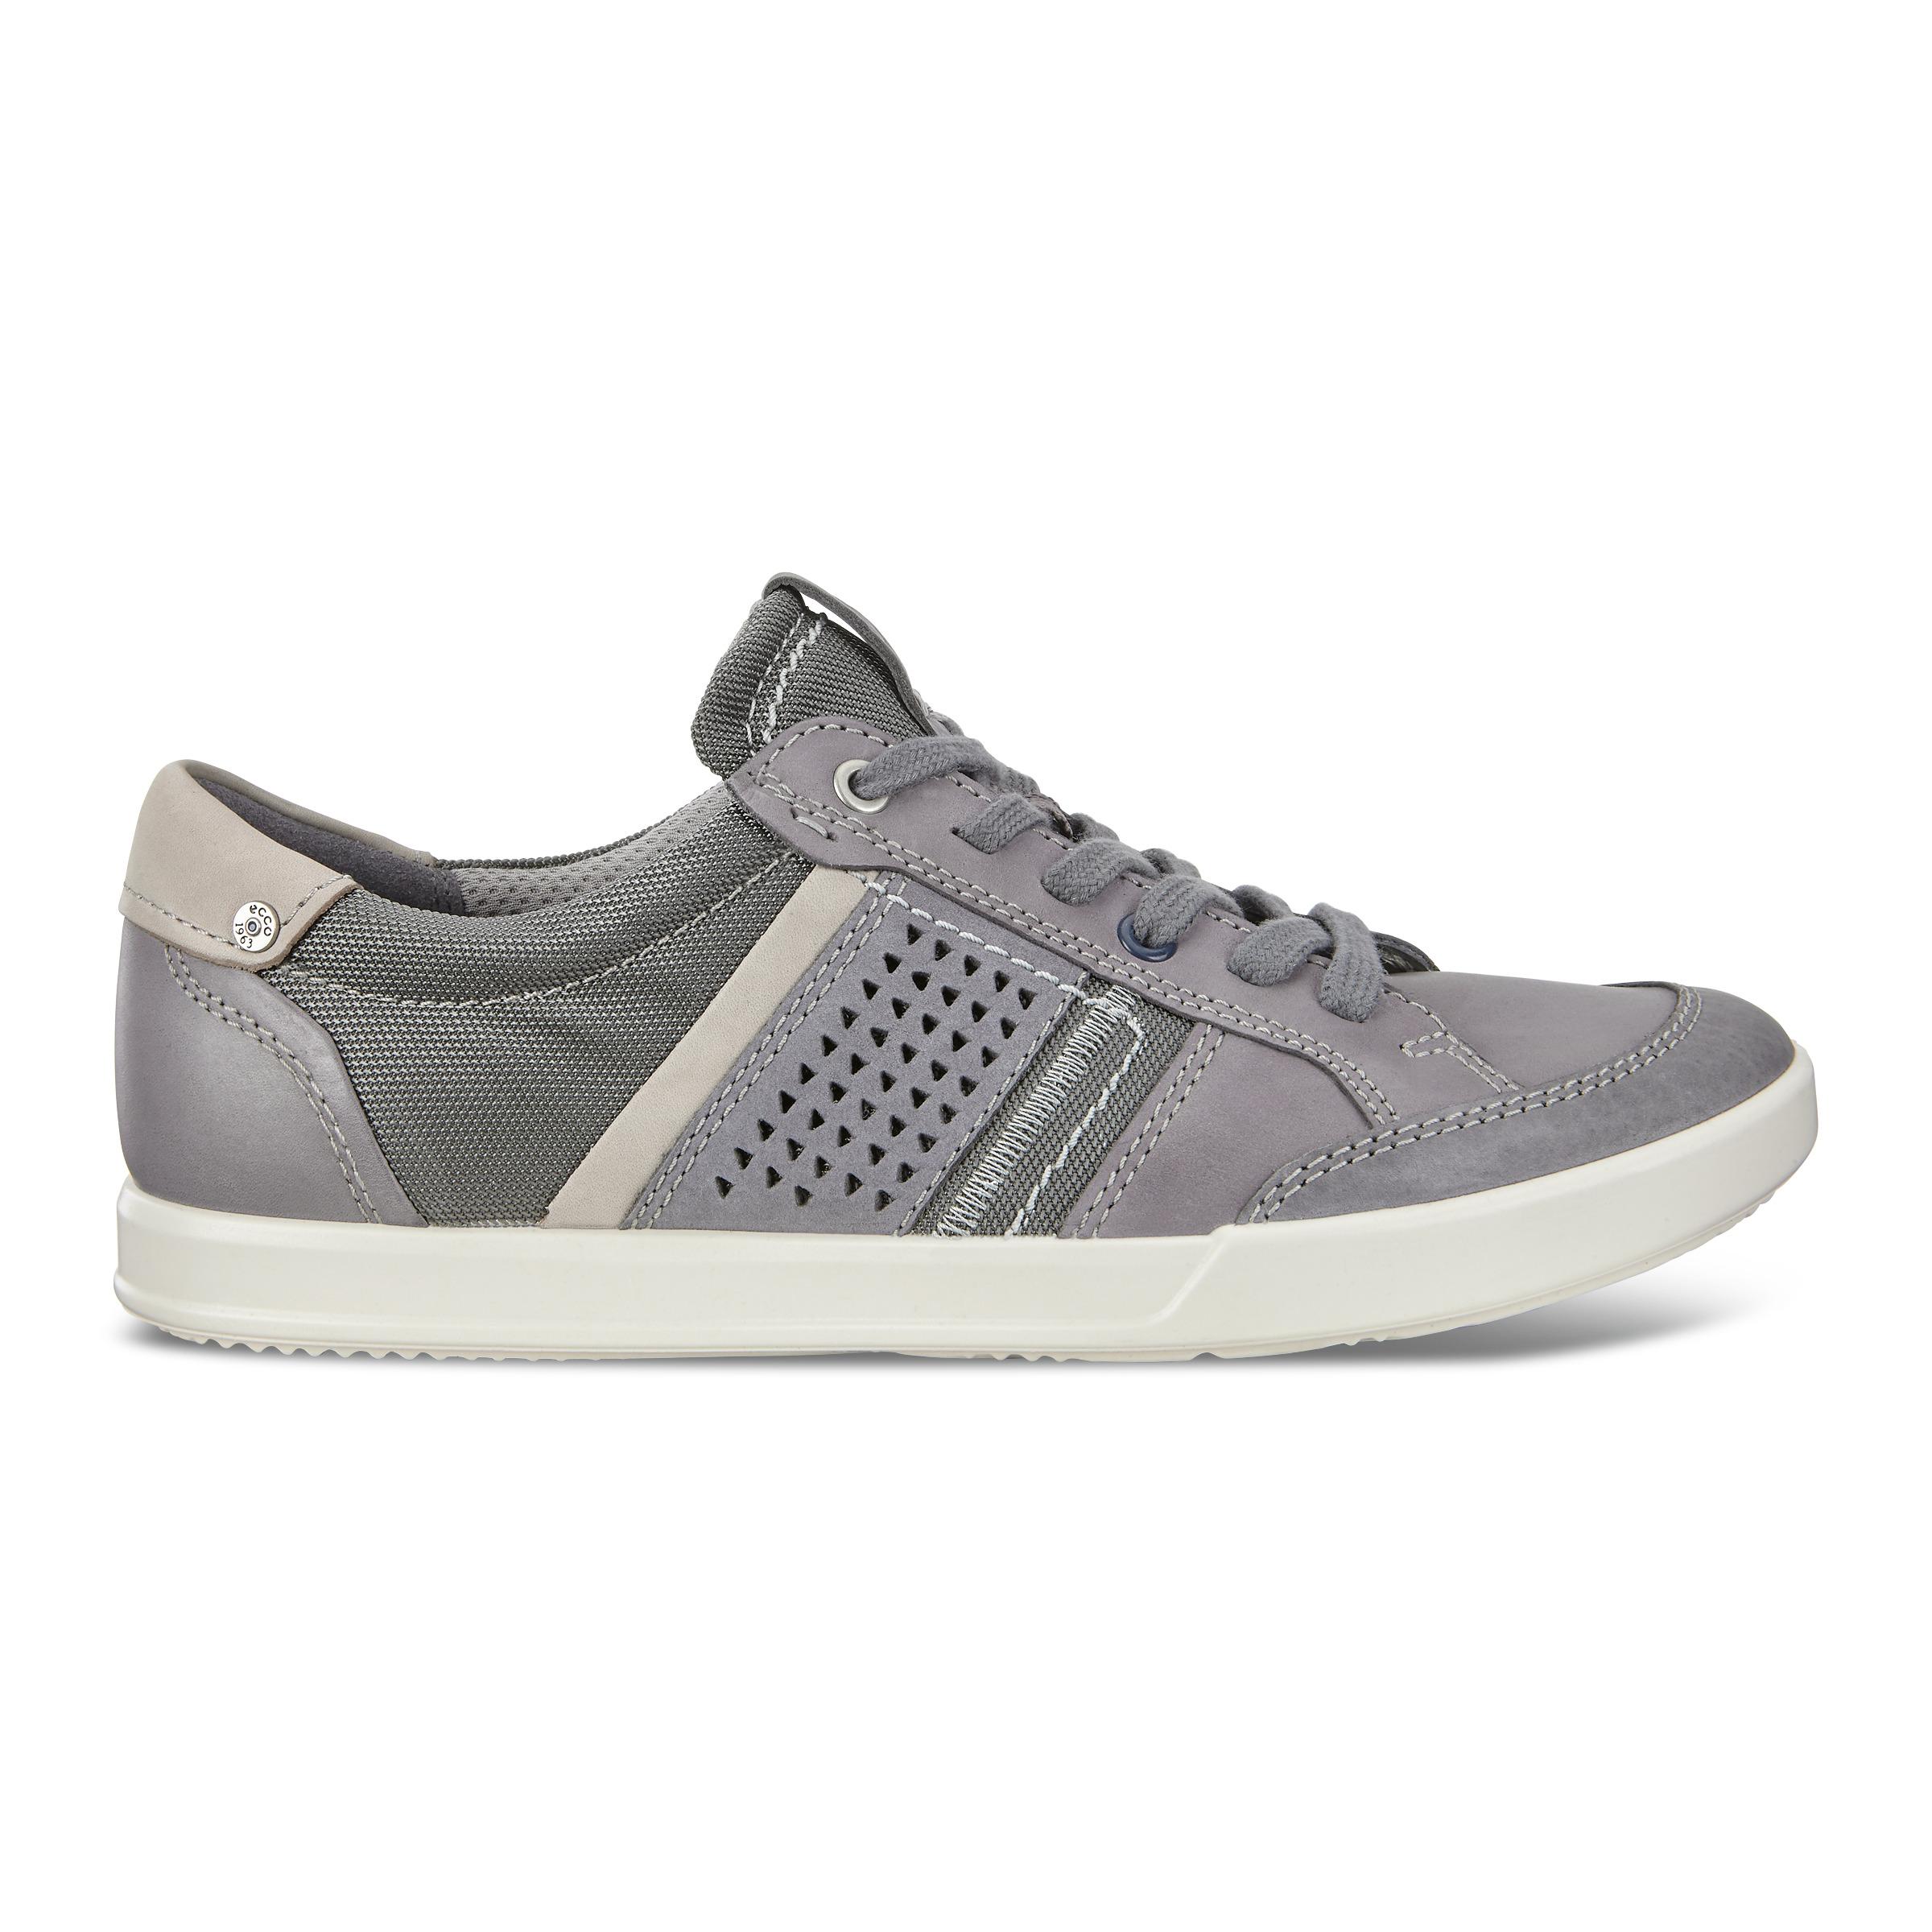 ECCO Collin 2.0 Sneaker Size 10-10.5 Titanium